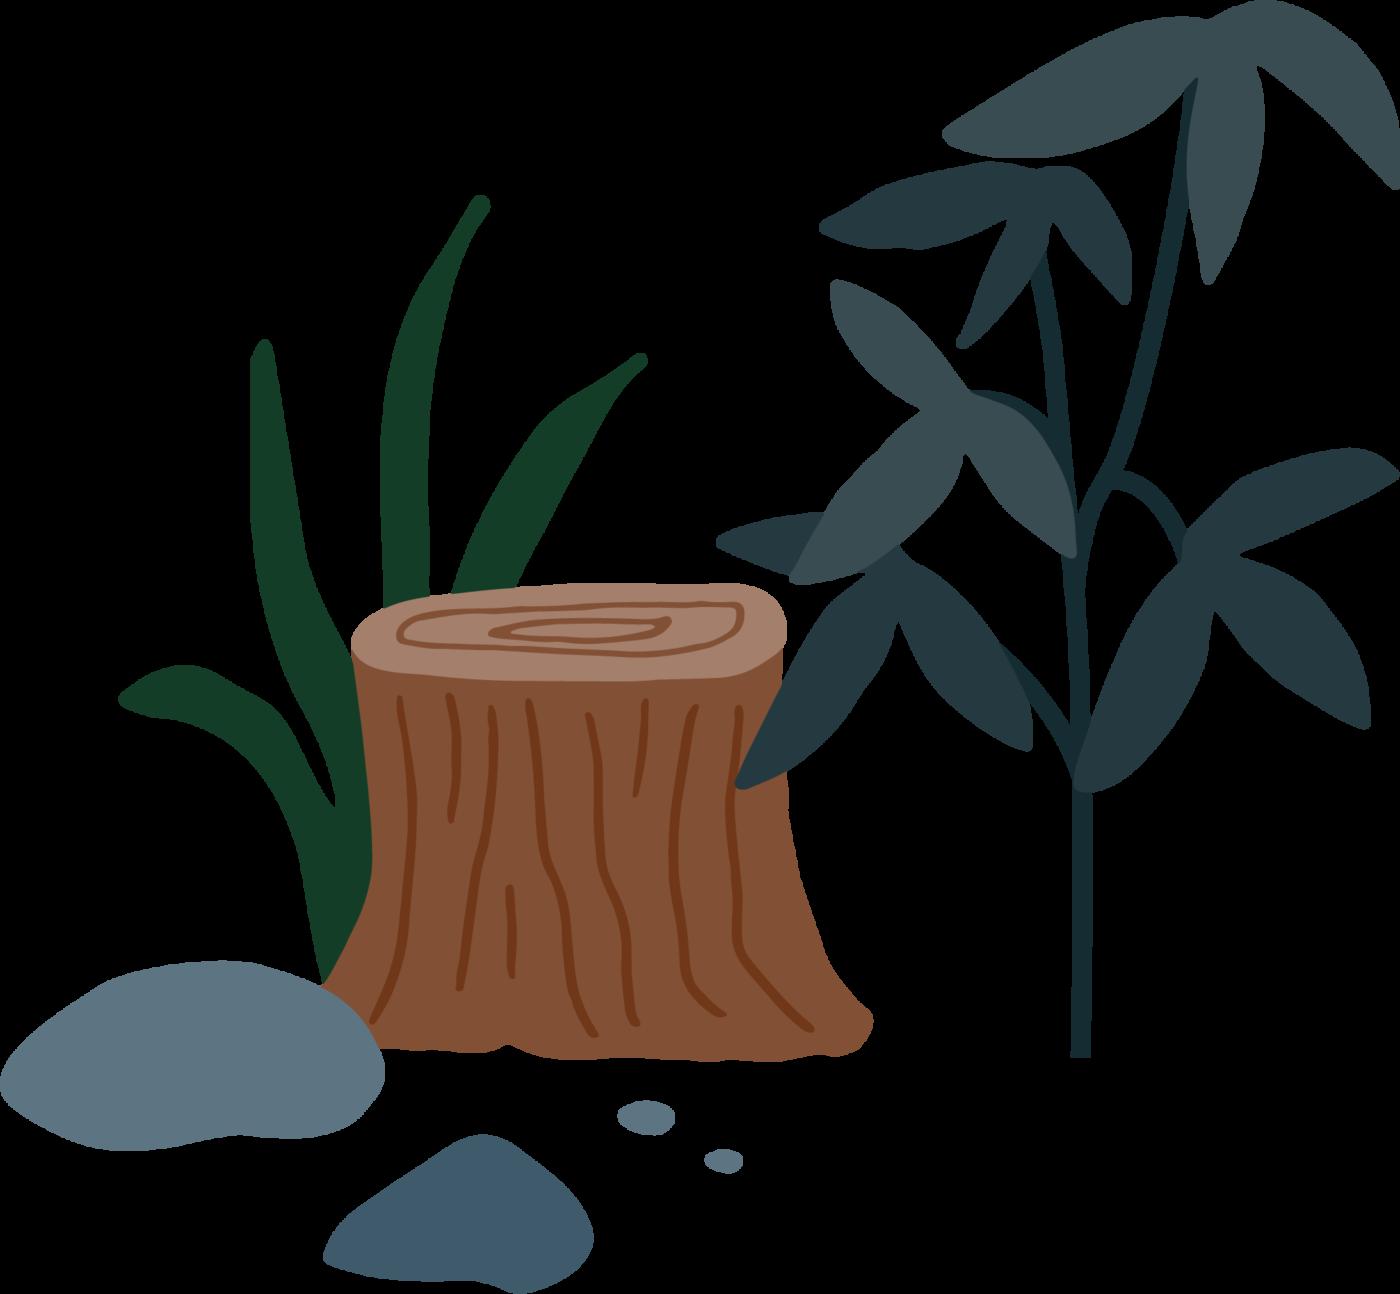 illu-wood